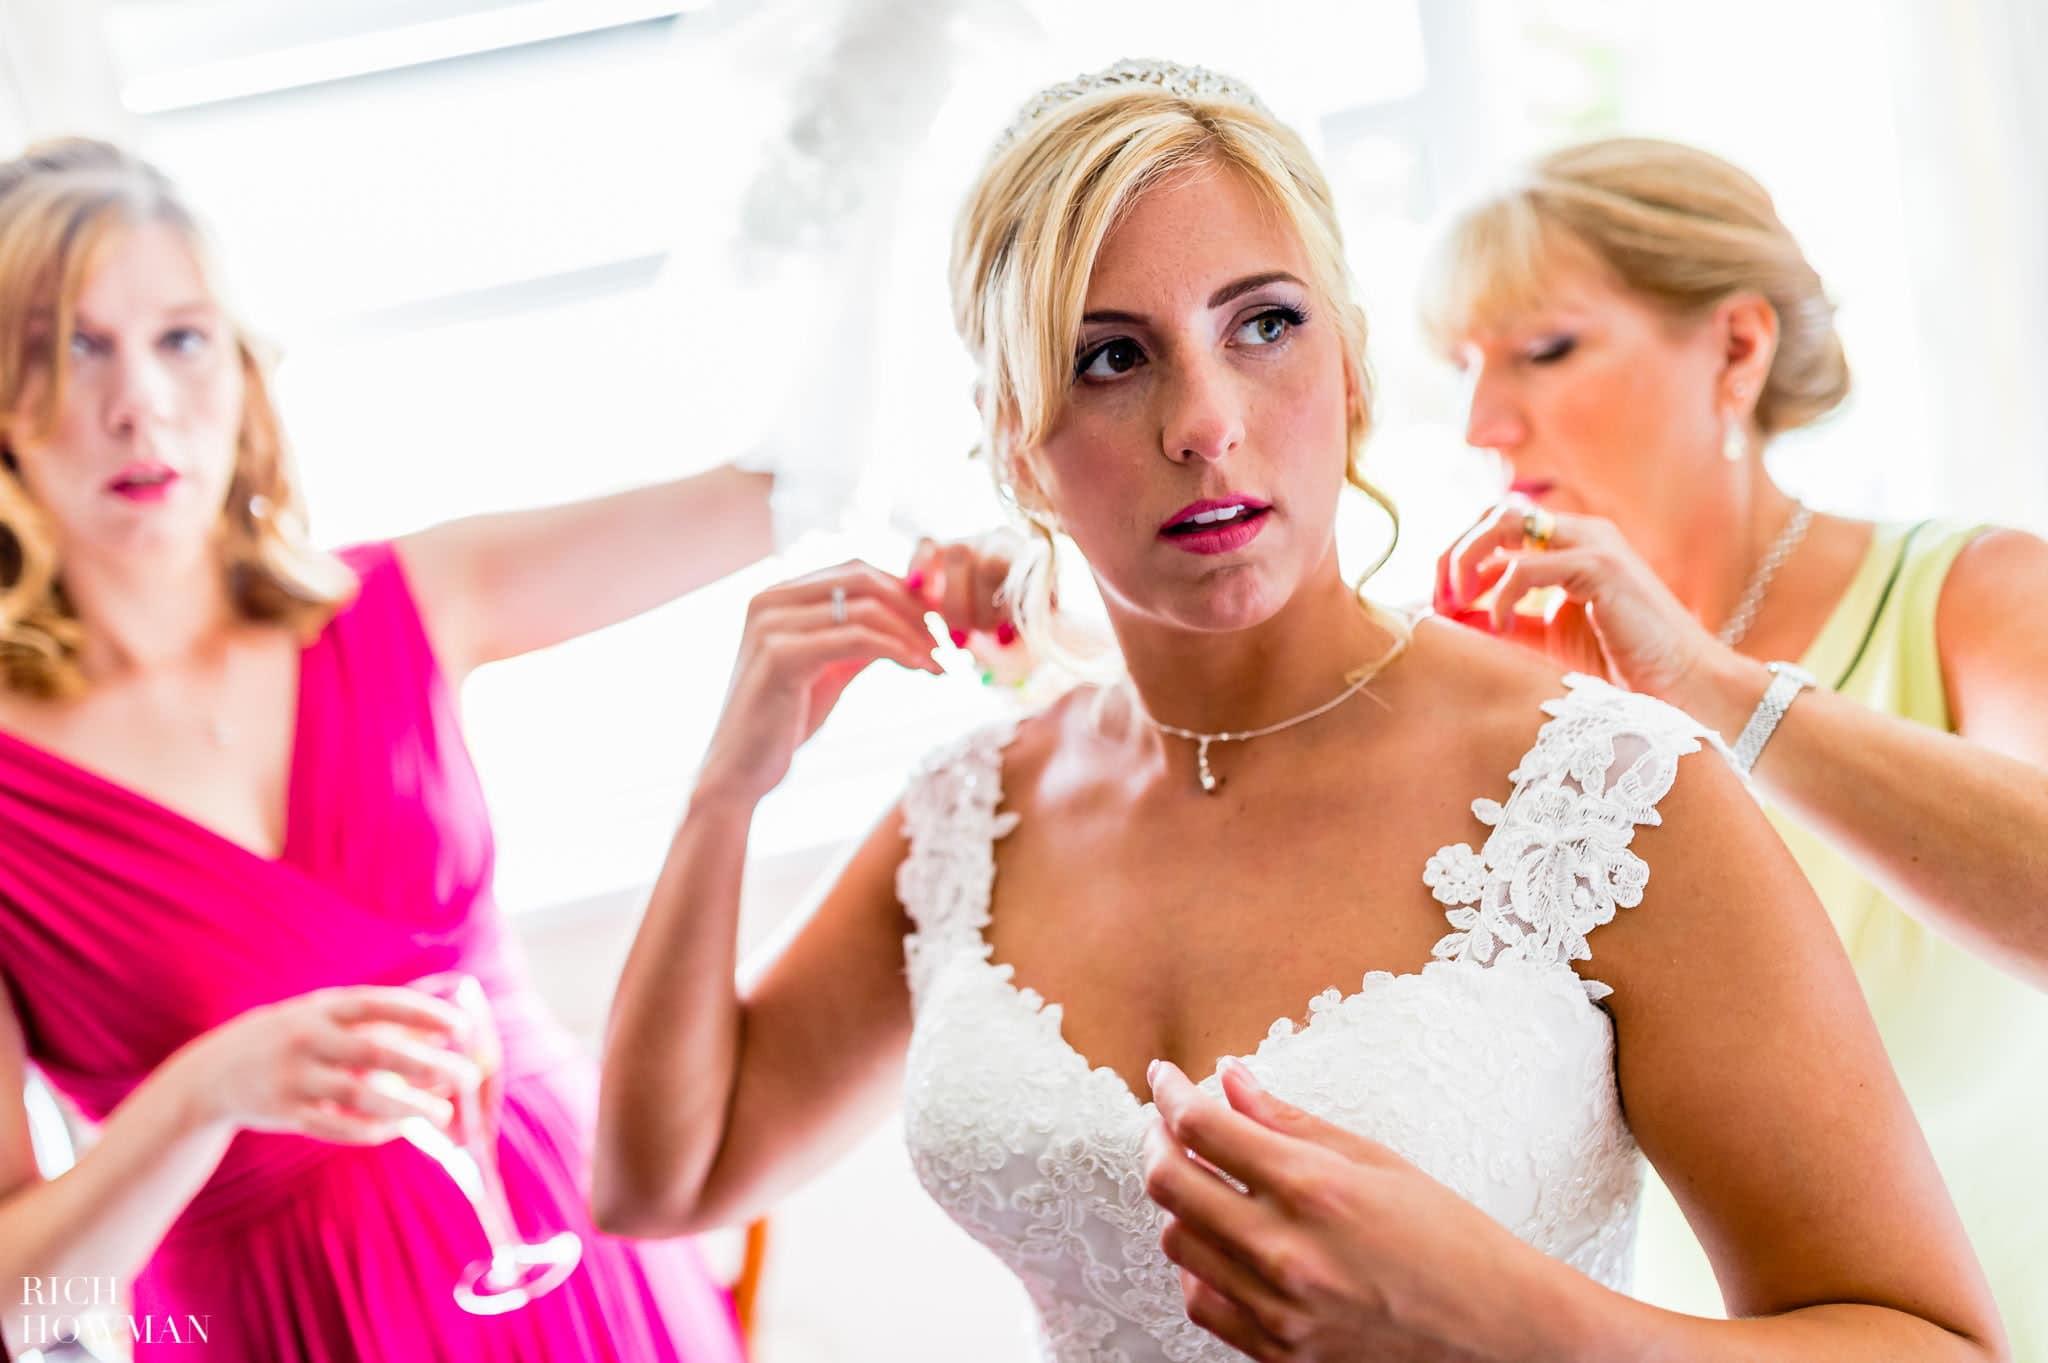 Llanerch Vineyard Wedding Photography by Rich Howman 13